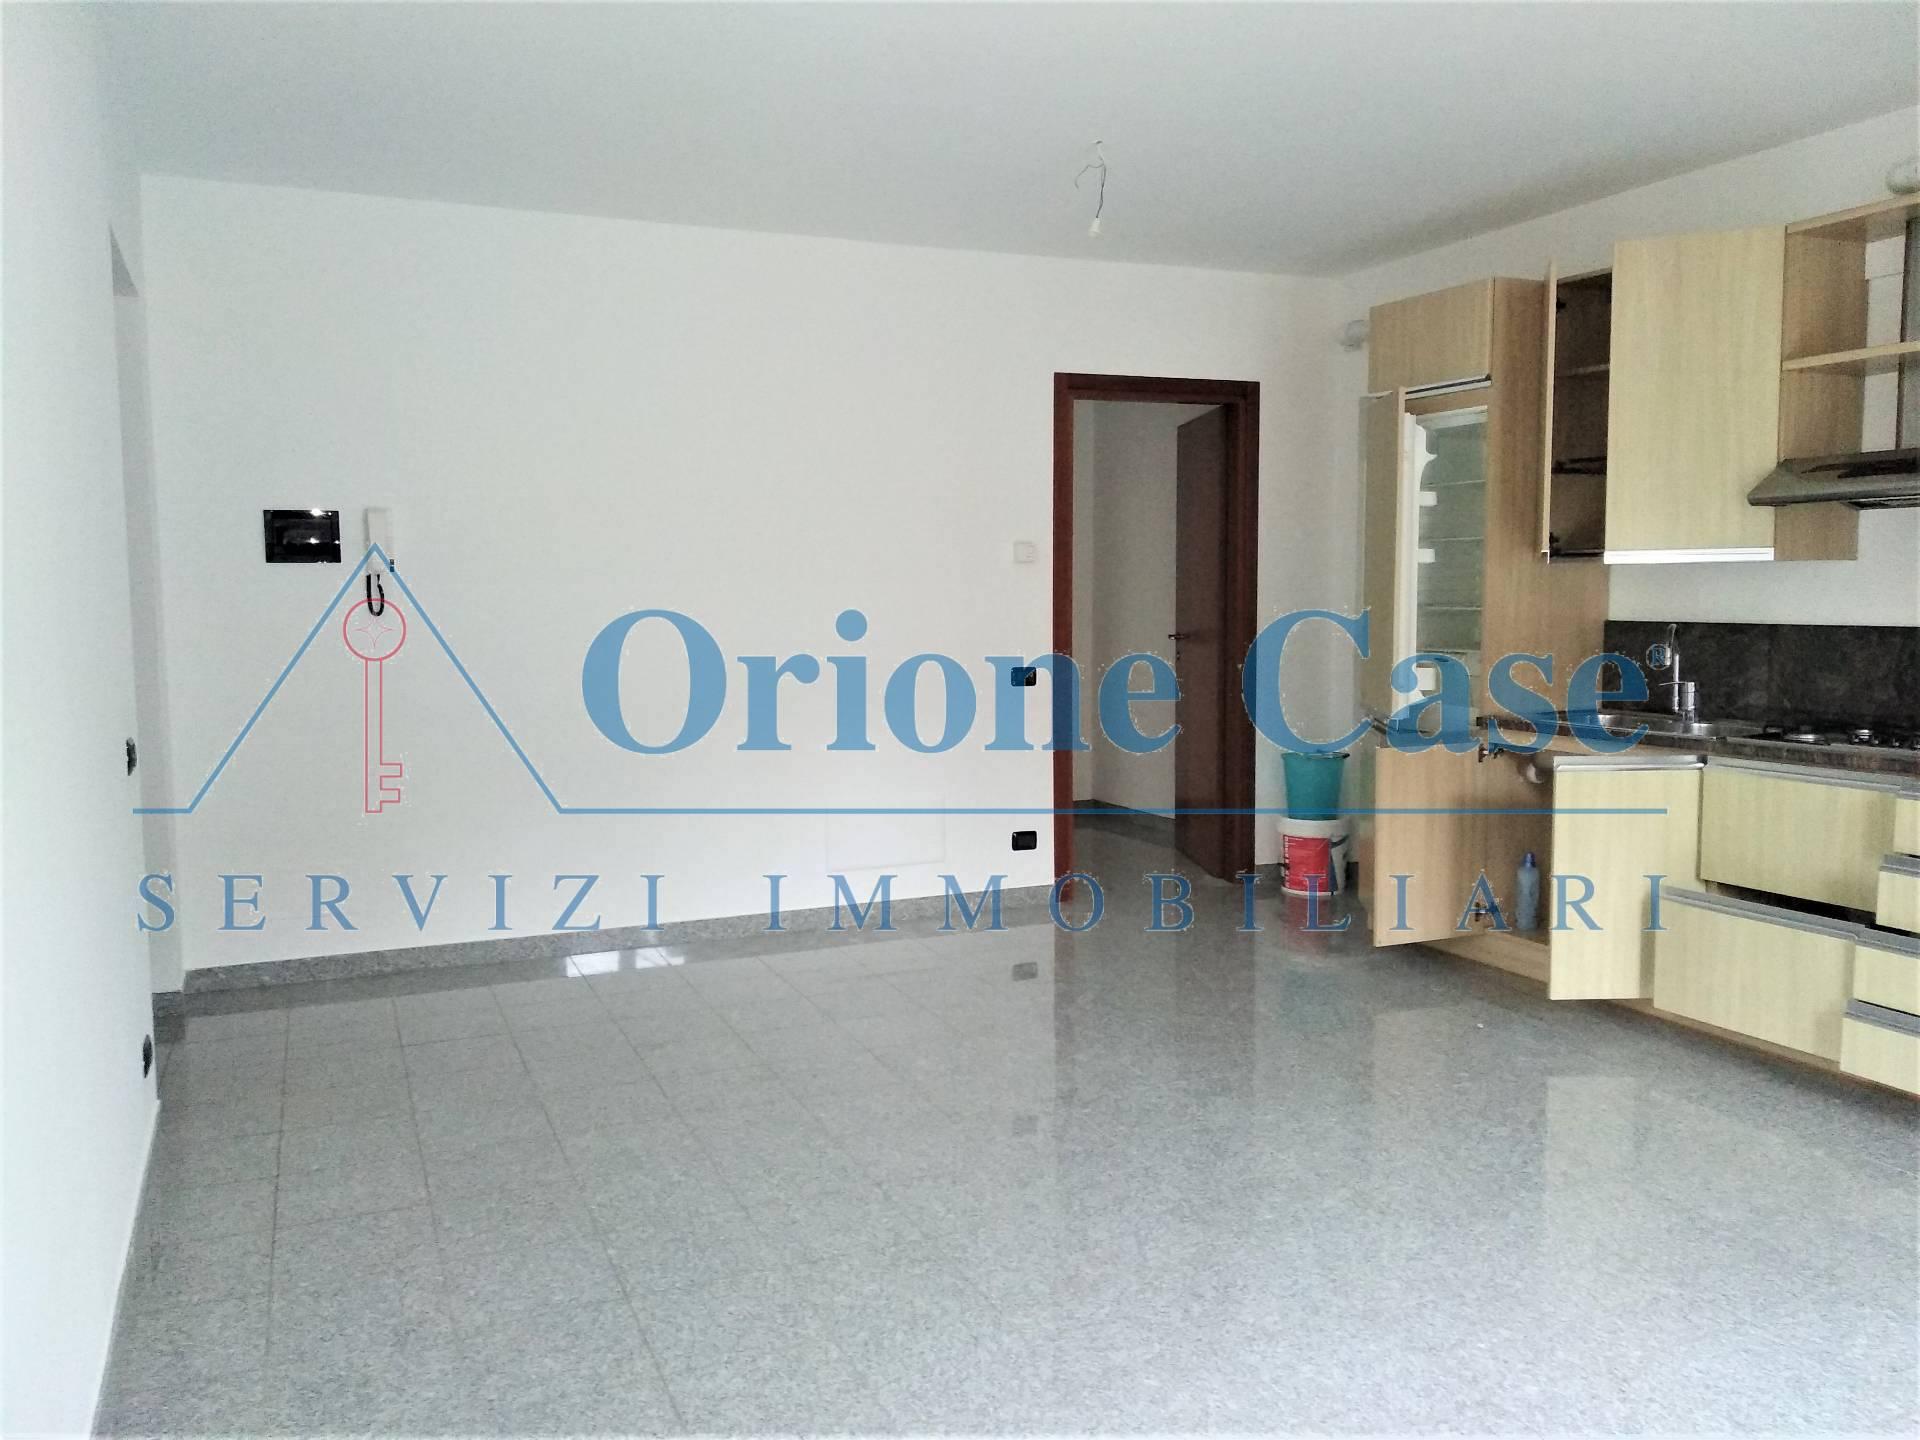 Appartamento in affitto a Ferrera di Varese, 2 locali, prezzo € 480 | PortaleAgenzieImmobiliari.it